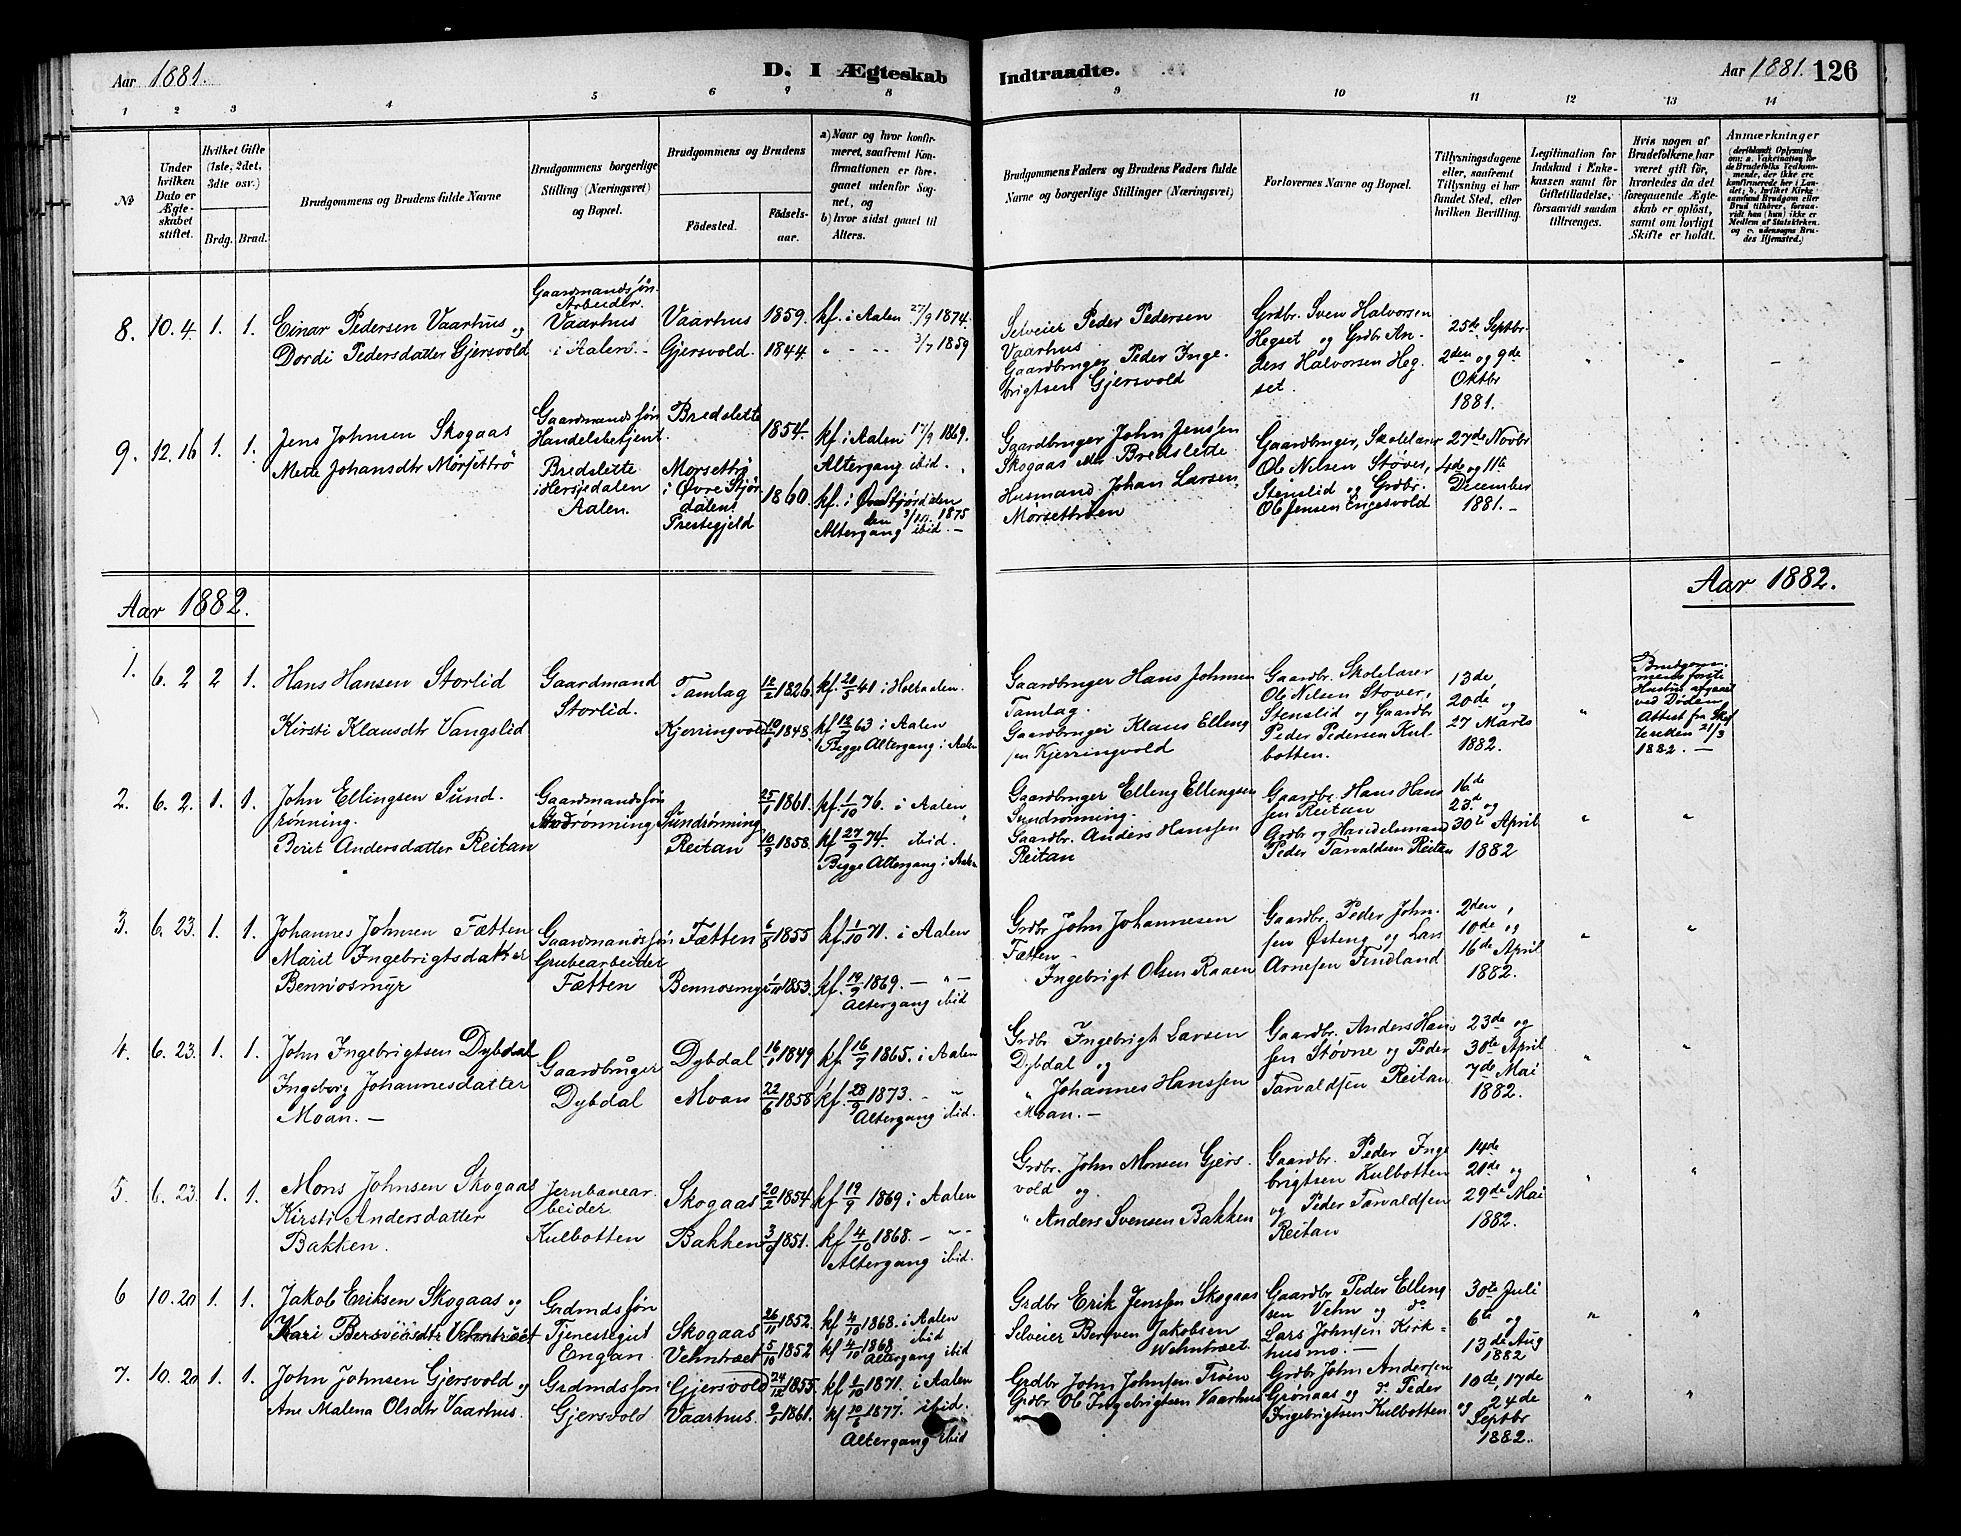 SAT, Ministerialprotokoller, klokkerbøker og fødselsregistre - Sør-Trøndelag, 686/L0983: Ministerialbok nr. 686A01, 1879-1890, s. 126